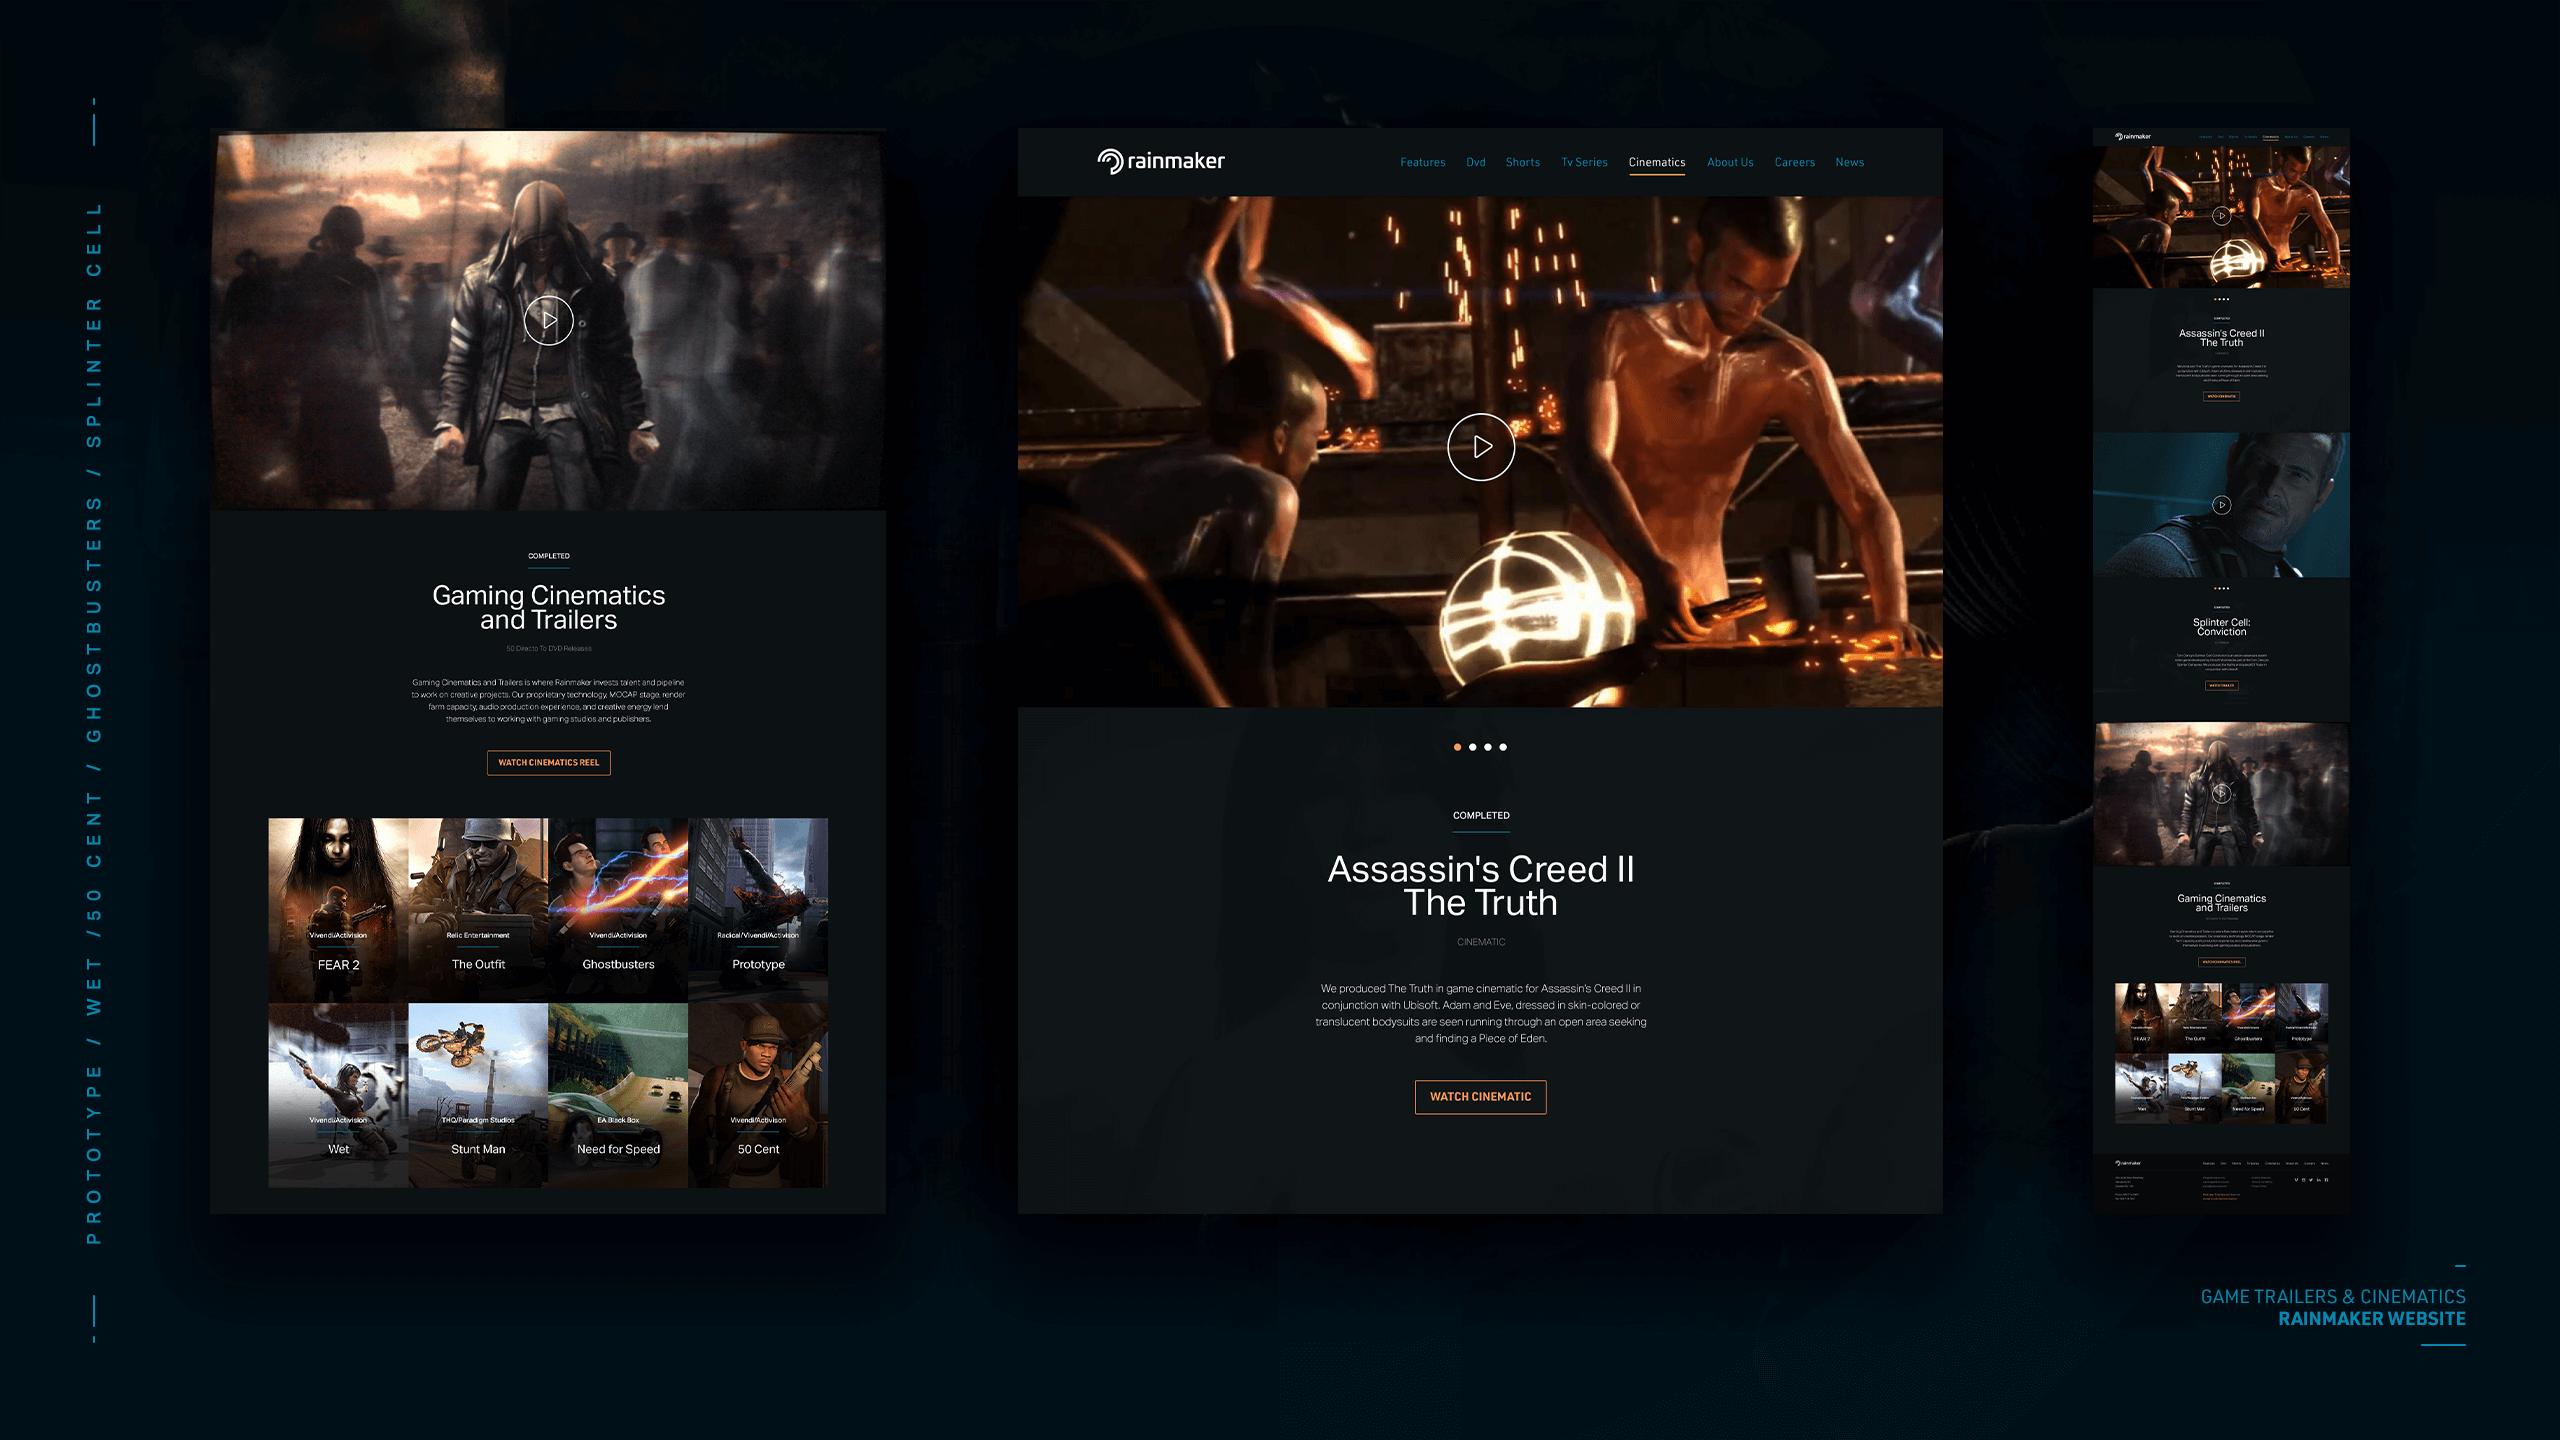 rainmaker-website-desktop-cinematics